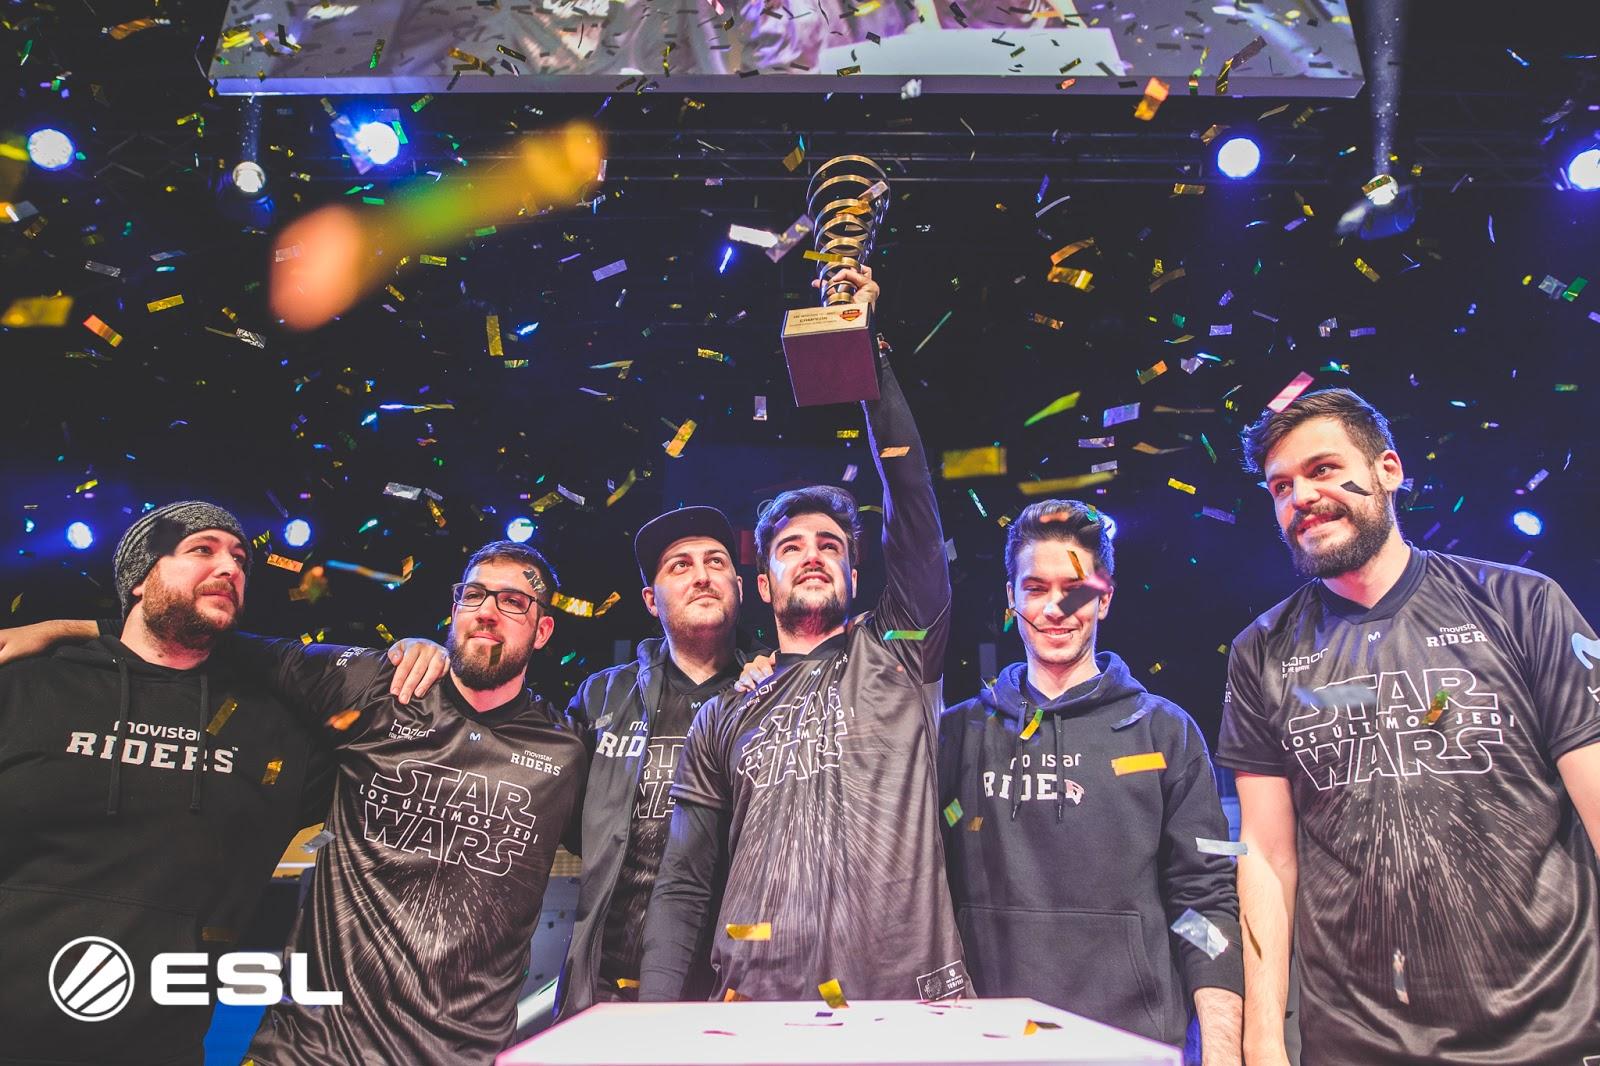 Los Movistar Riders, ganadores del ESL Masters España de CS:GO / ©ESL K. Bashkirov